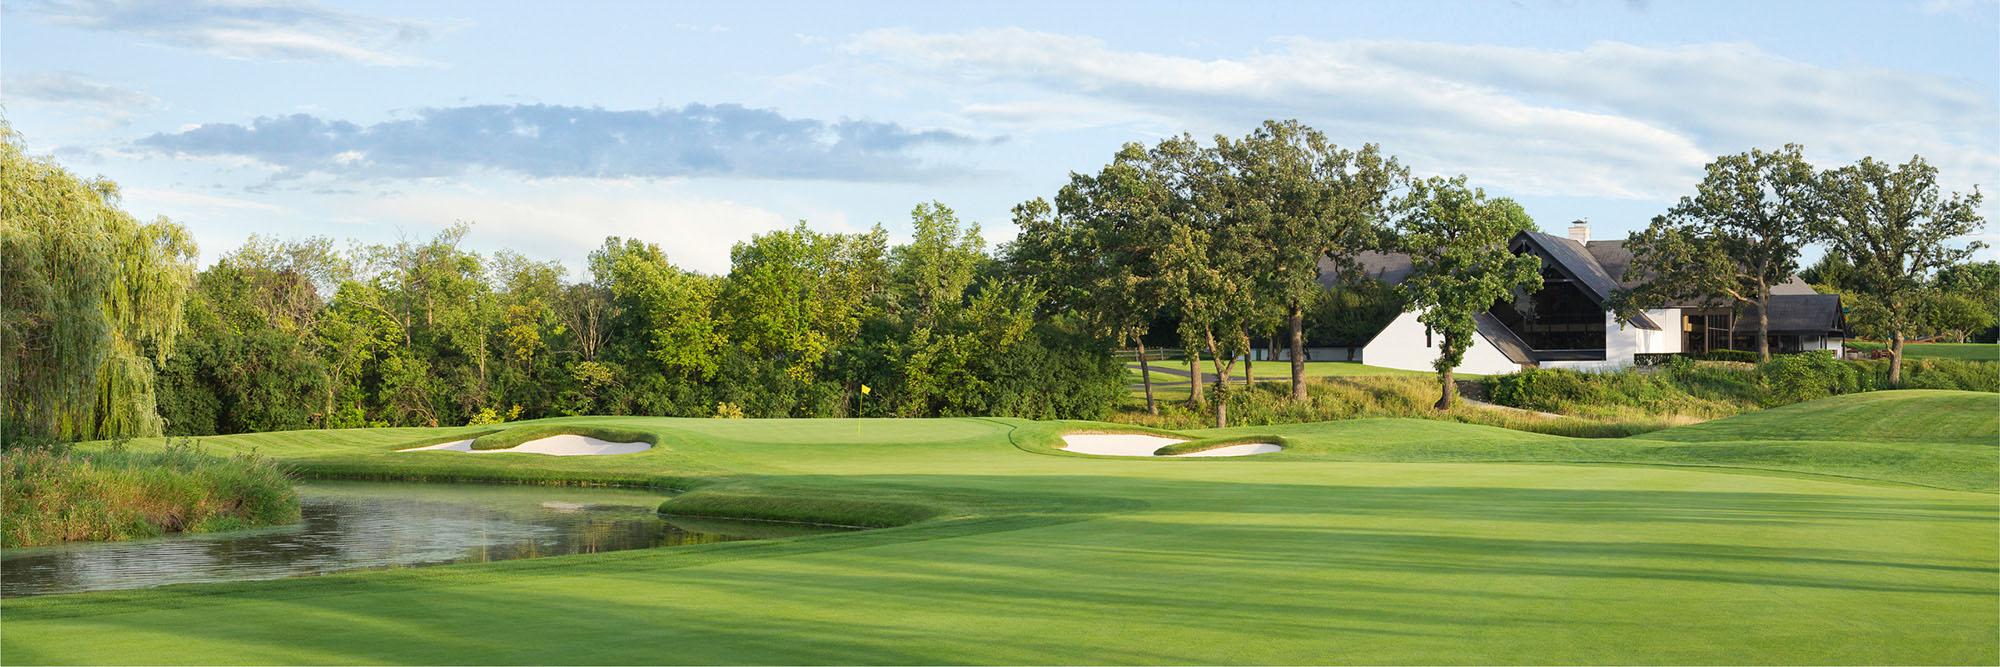 Golf Course Image - Butler National No. 18